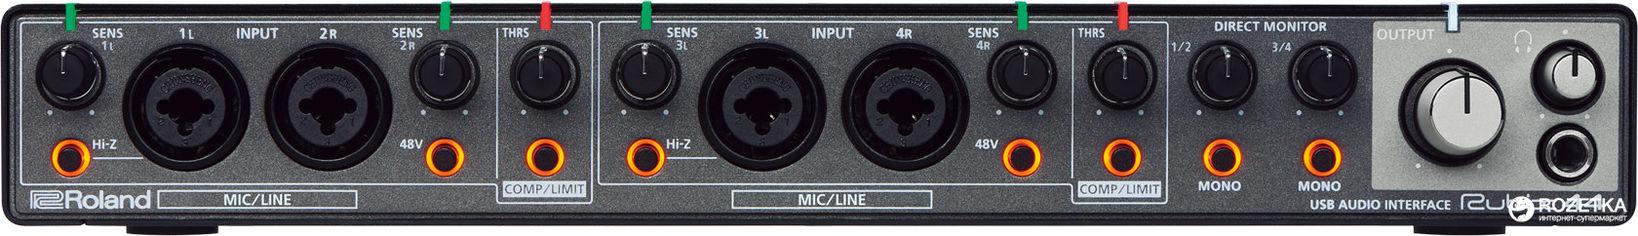 Акция на Аудиоинтерфейс Roland Rubix44 от Rozetka